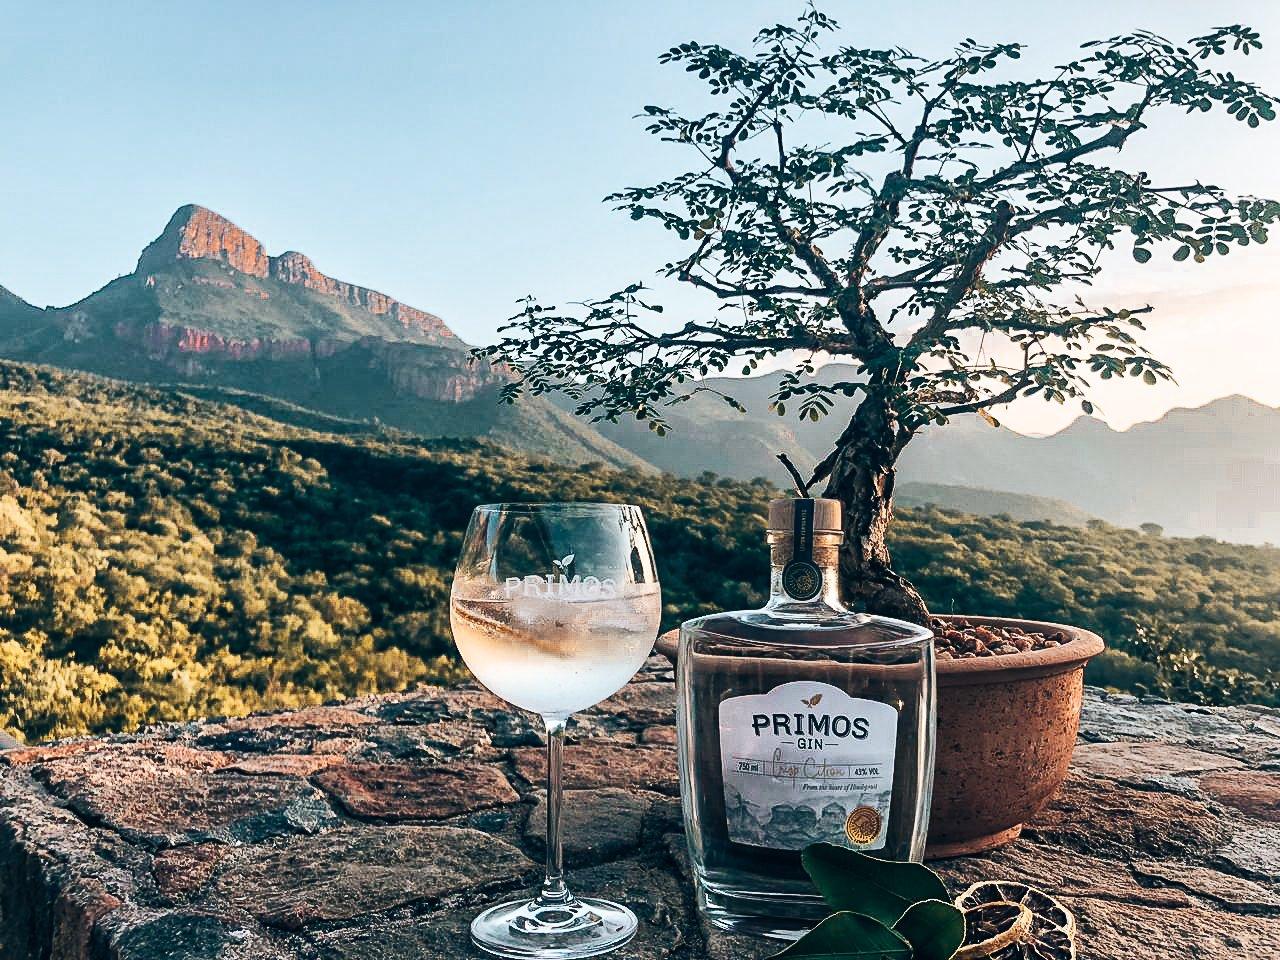 Het verhaal achter Primos Gin, Zuid Afrika, Alles over gin.